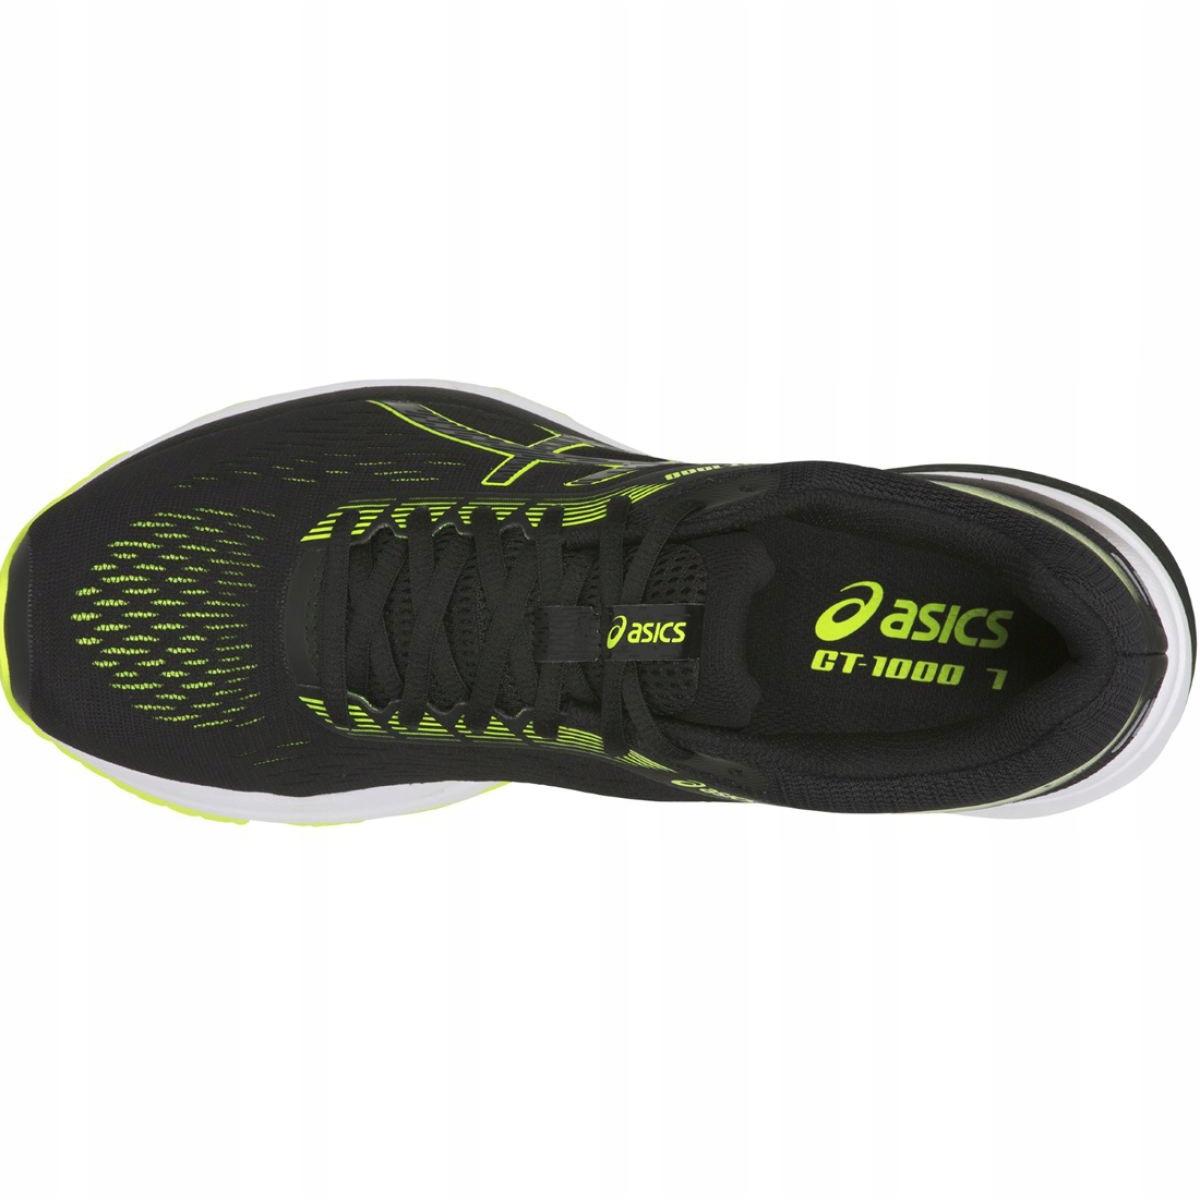 Asics-GT-1000-7-M-1011A042-004-chaussures-de-course-noir miniature 3